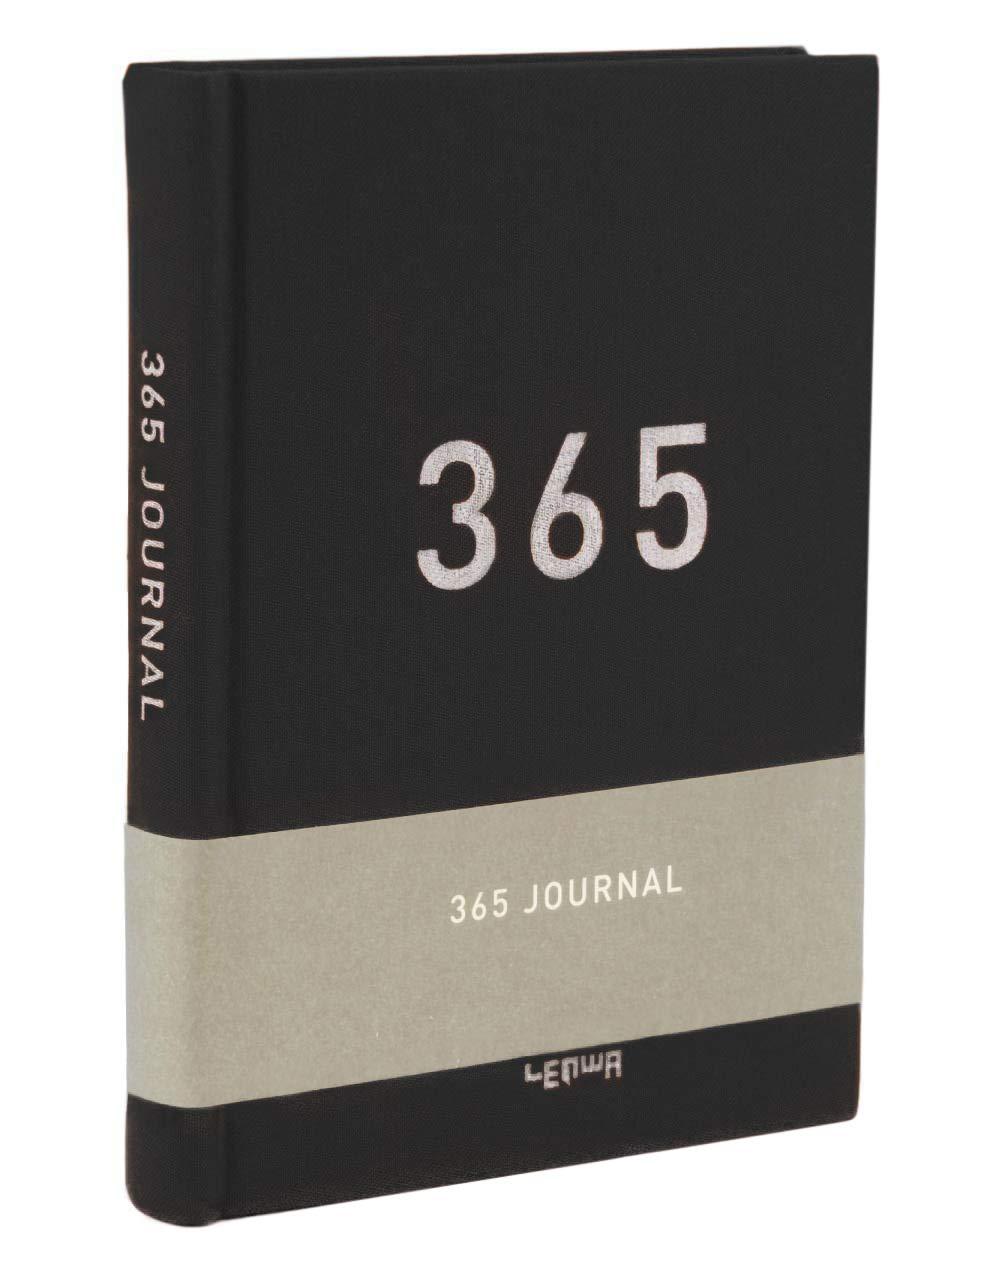 日記帳 365 日 シンプル